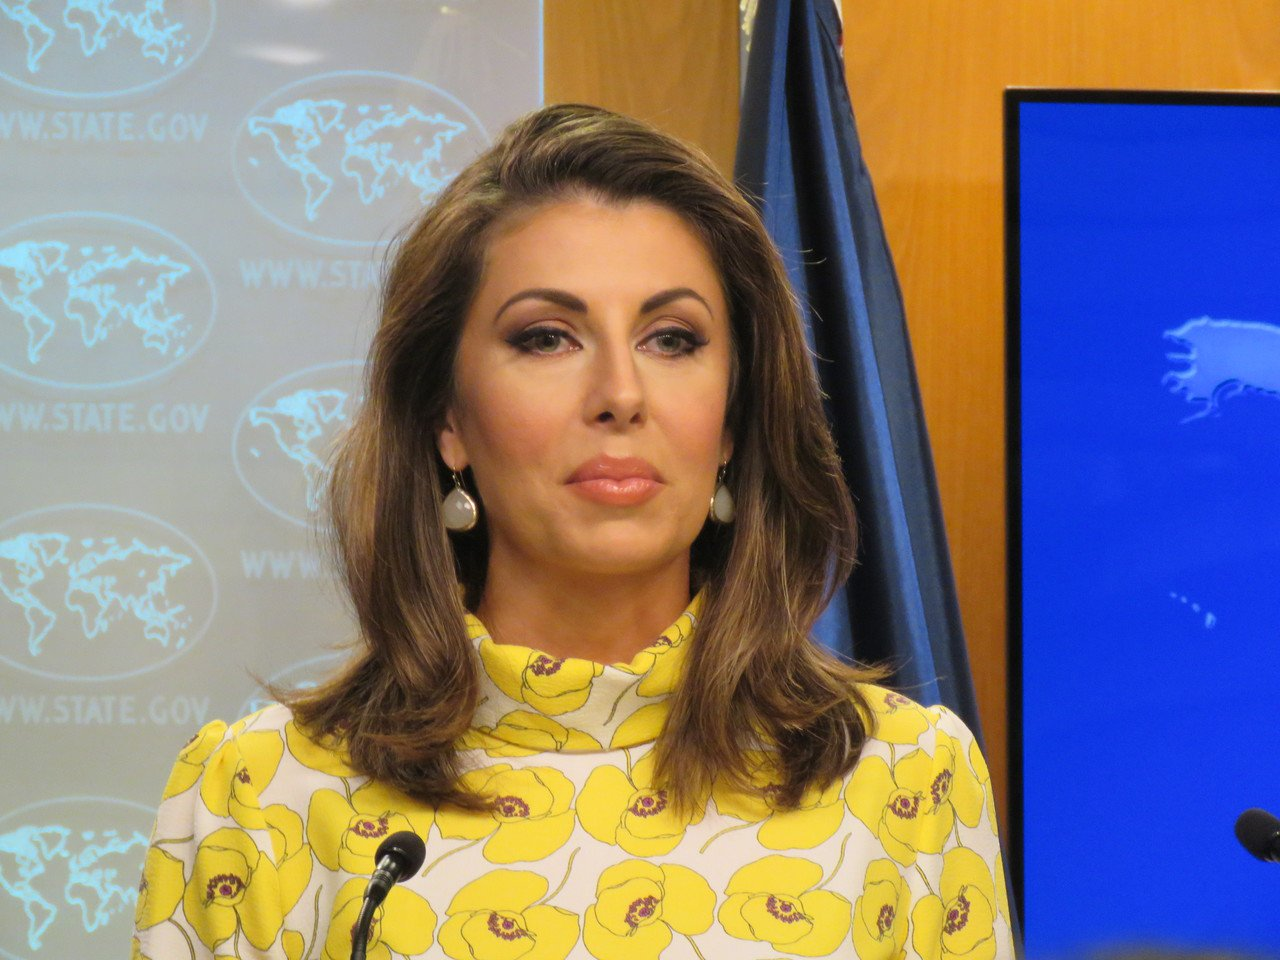 美国国务院发言人欧塔加斯。 本报资料照片